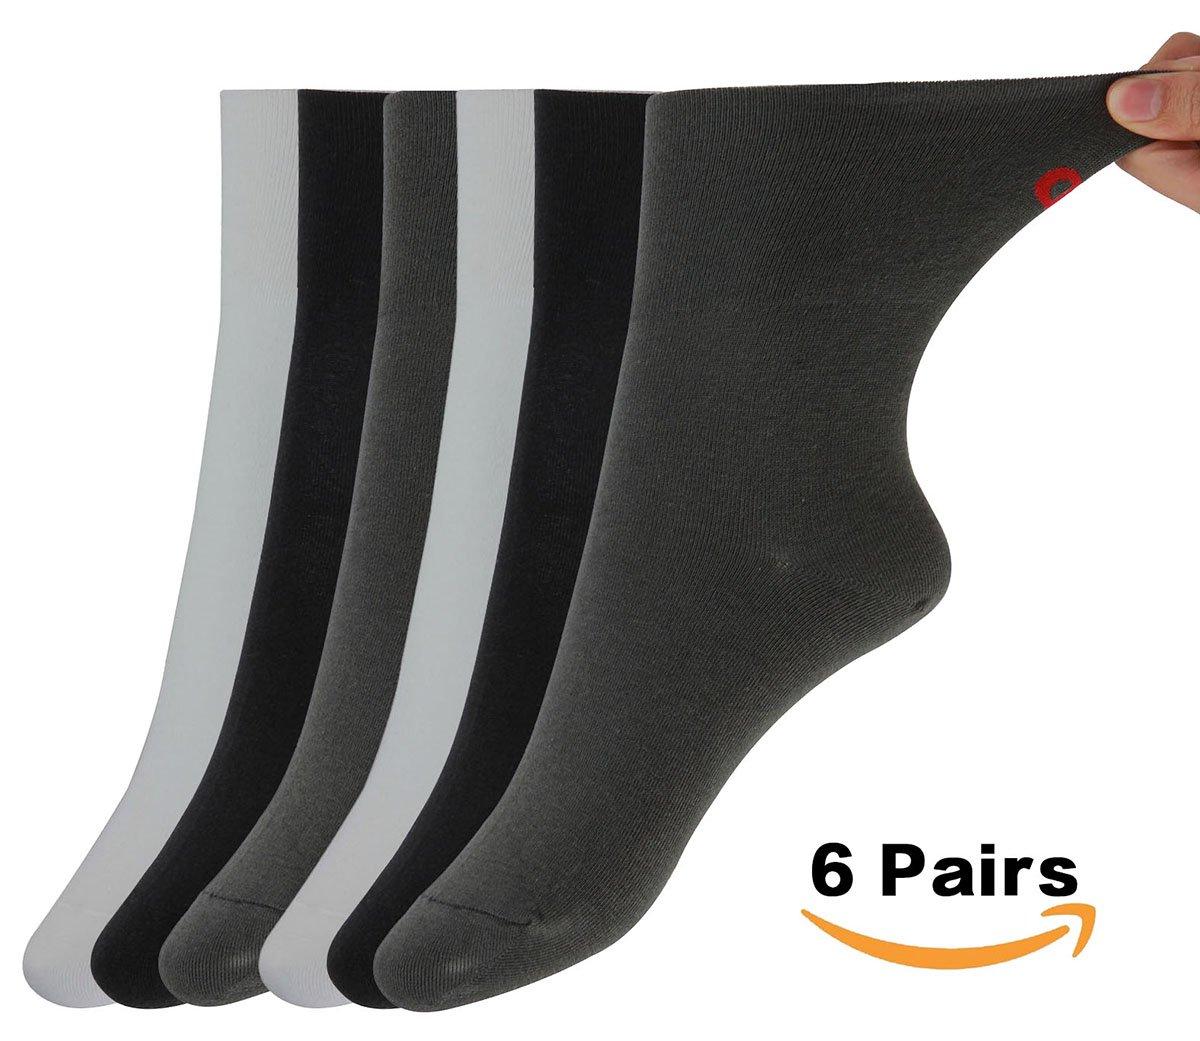 MD Non-Binding Diabetic Socks Mens and Womens Circulatory Antibacterial Quarter Socks Loose Fit 6 Pack 9-11 2Black/2White/2Grey